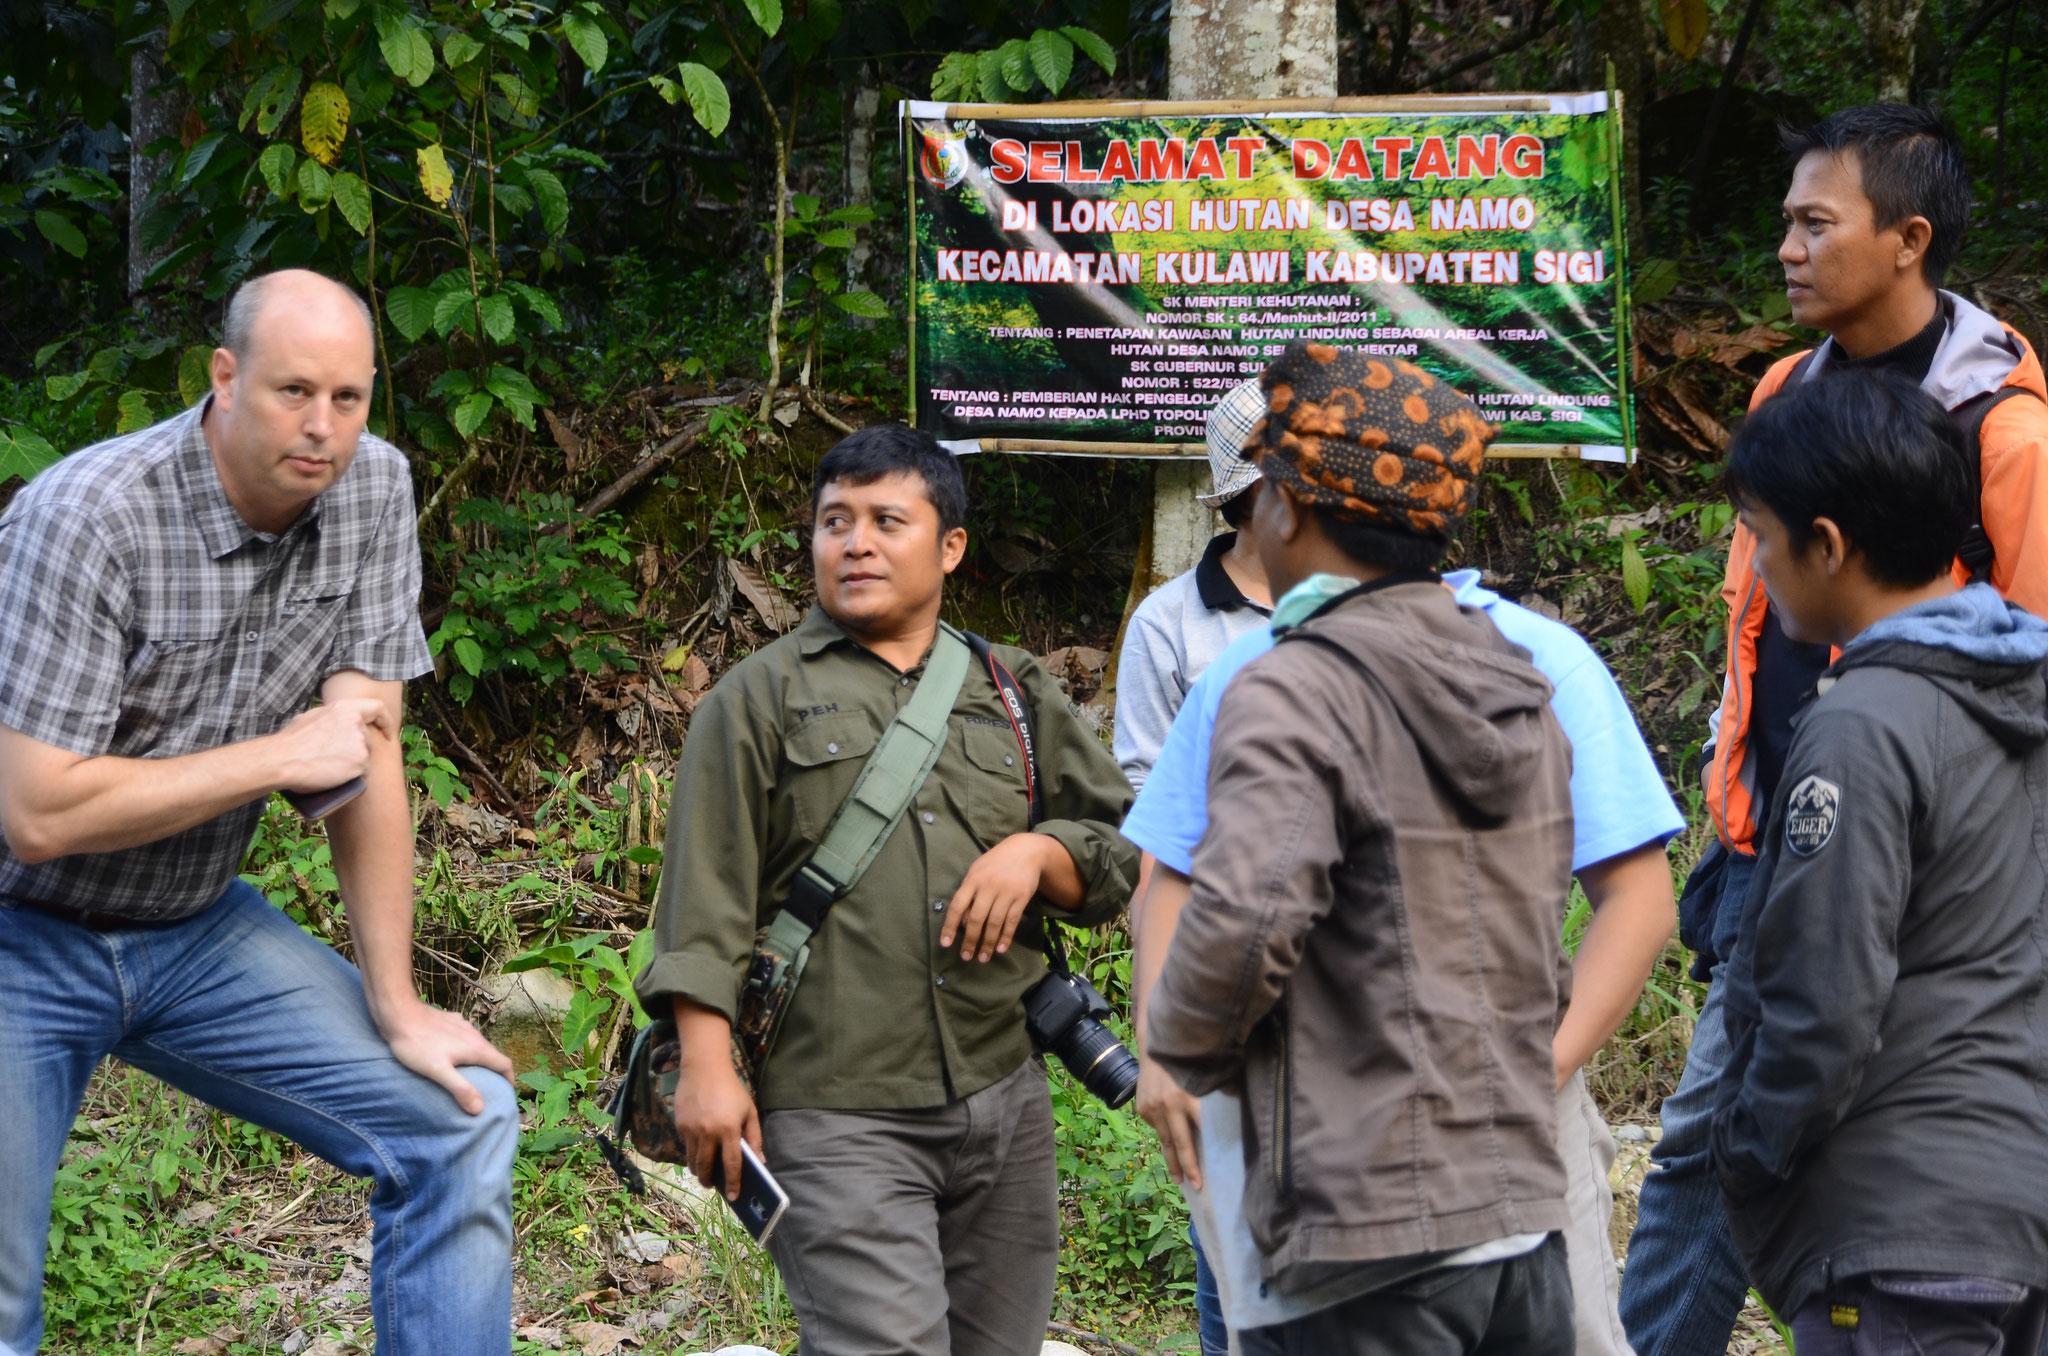 Bernd Unger: Interkultureller Mediator im Bereich der Entwicklungszusammenarbeit/z.Z. in Indonesien